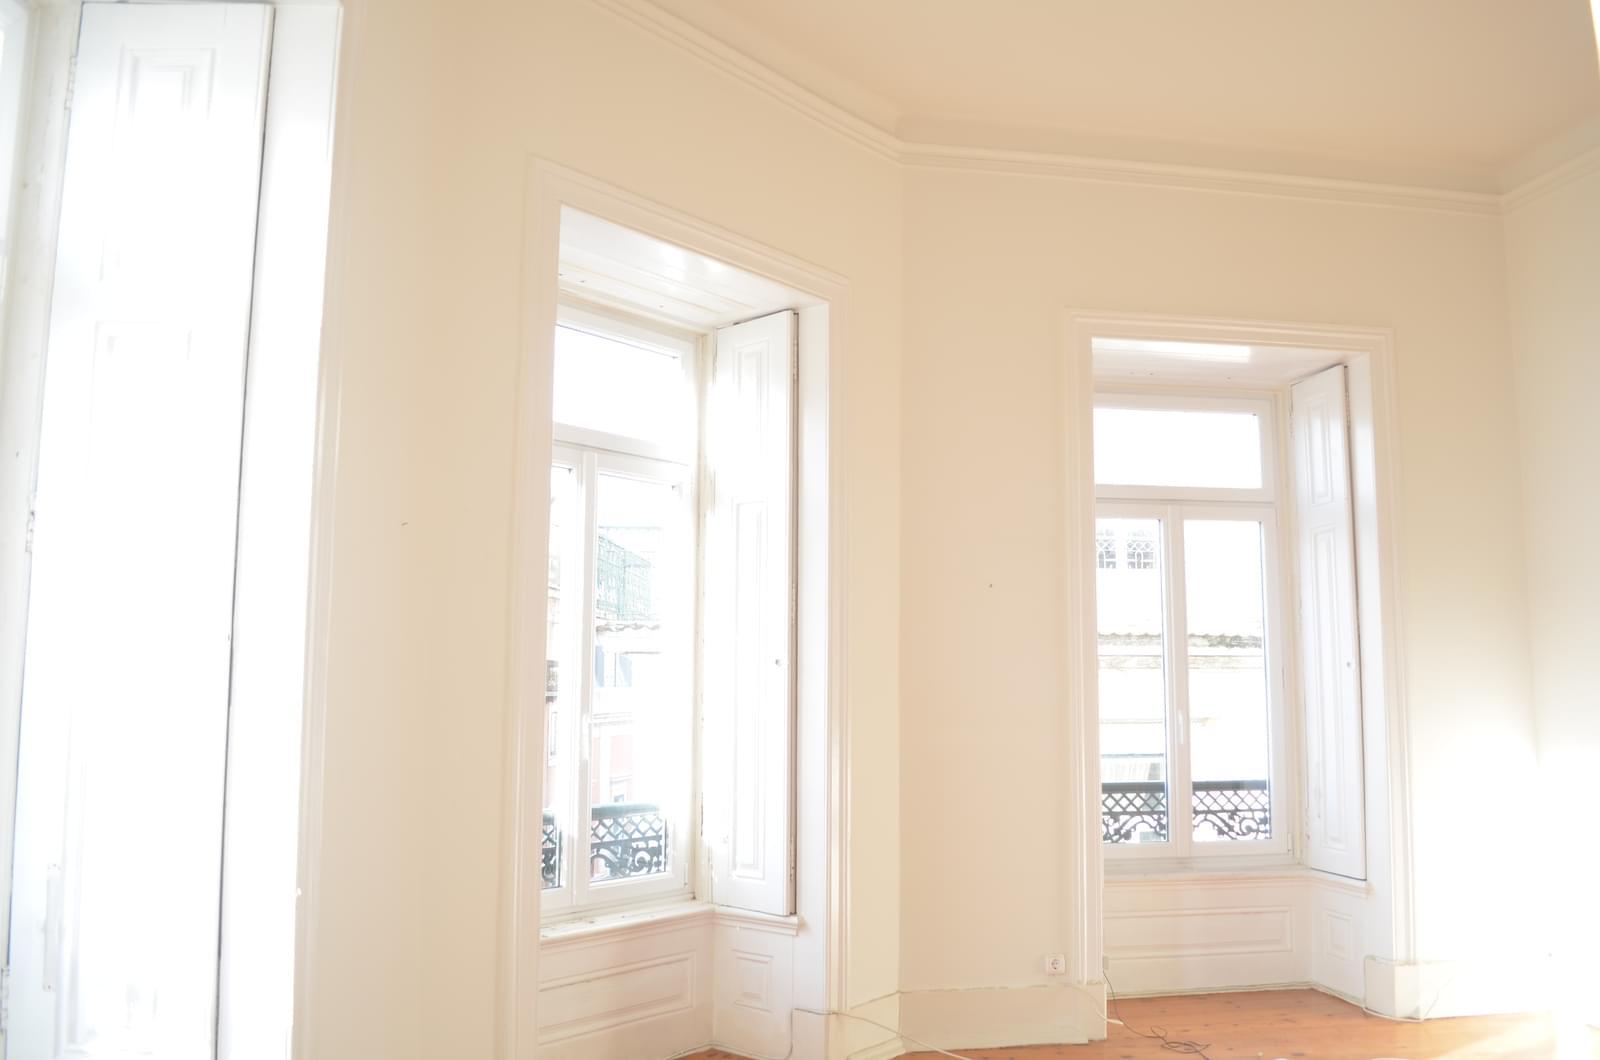 pf18621-apartamento-t4-lisboa-4feb7a81-6013-4606-a85c-de6afcae5ae8